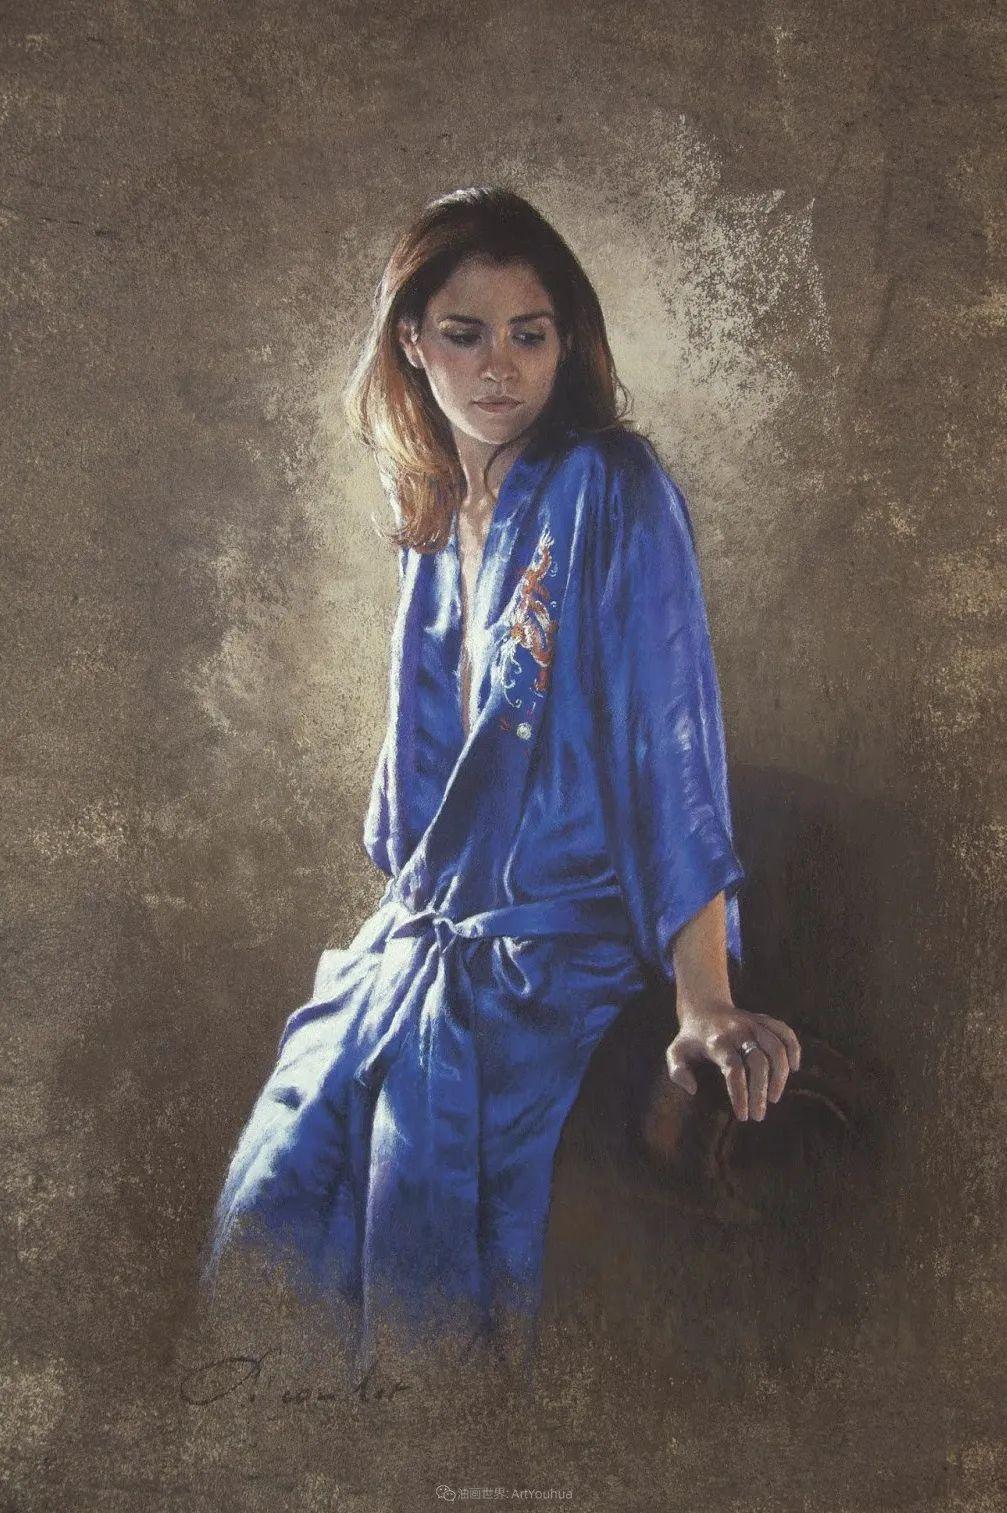 法国女粉彩大师,描绘的女性之美,细腻柔和!插图75